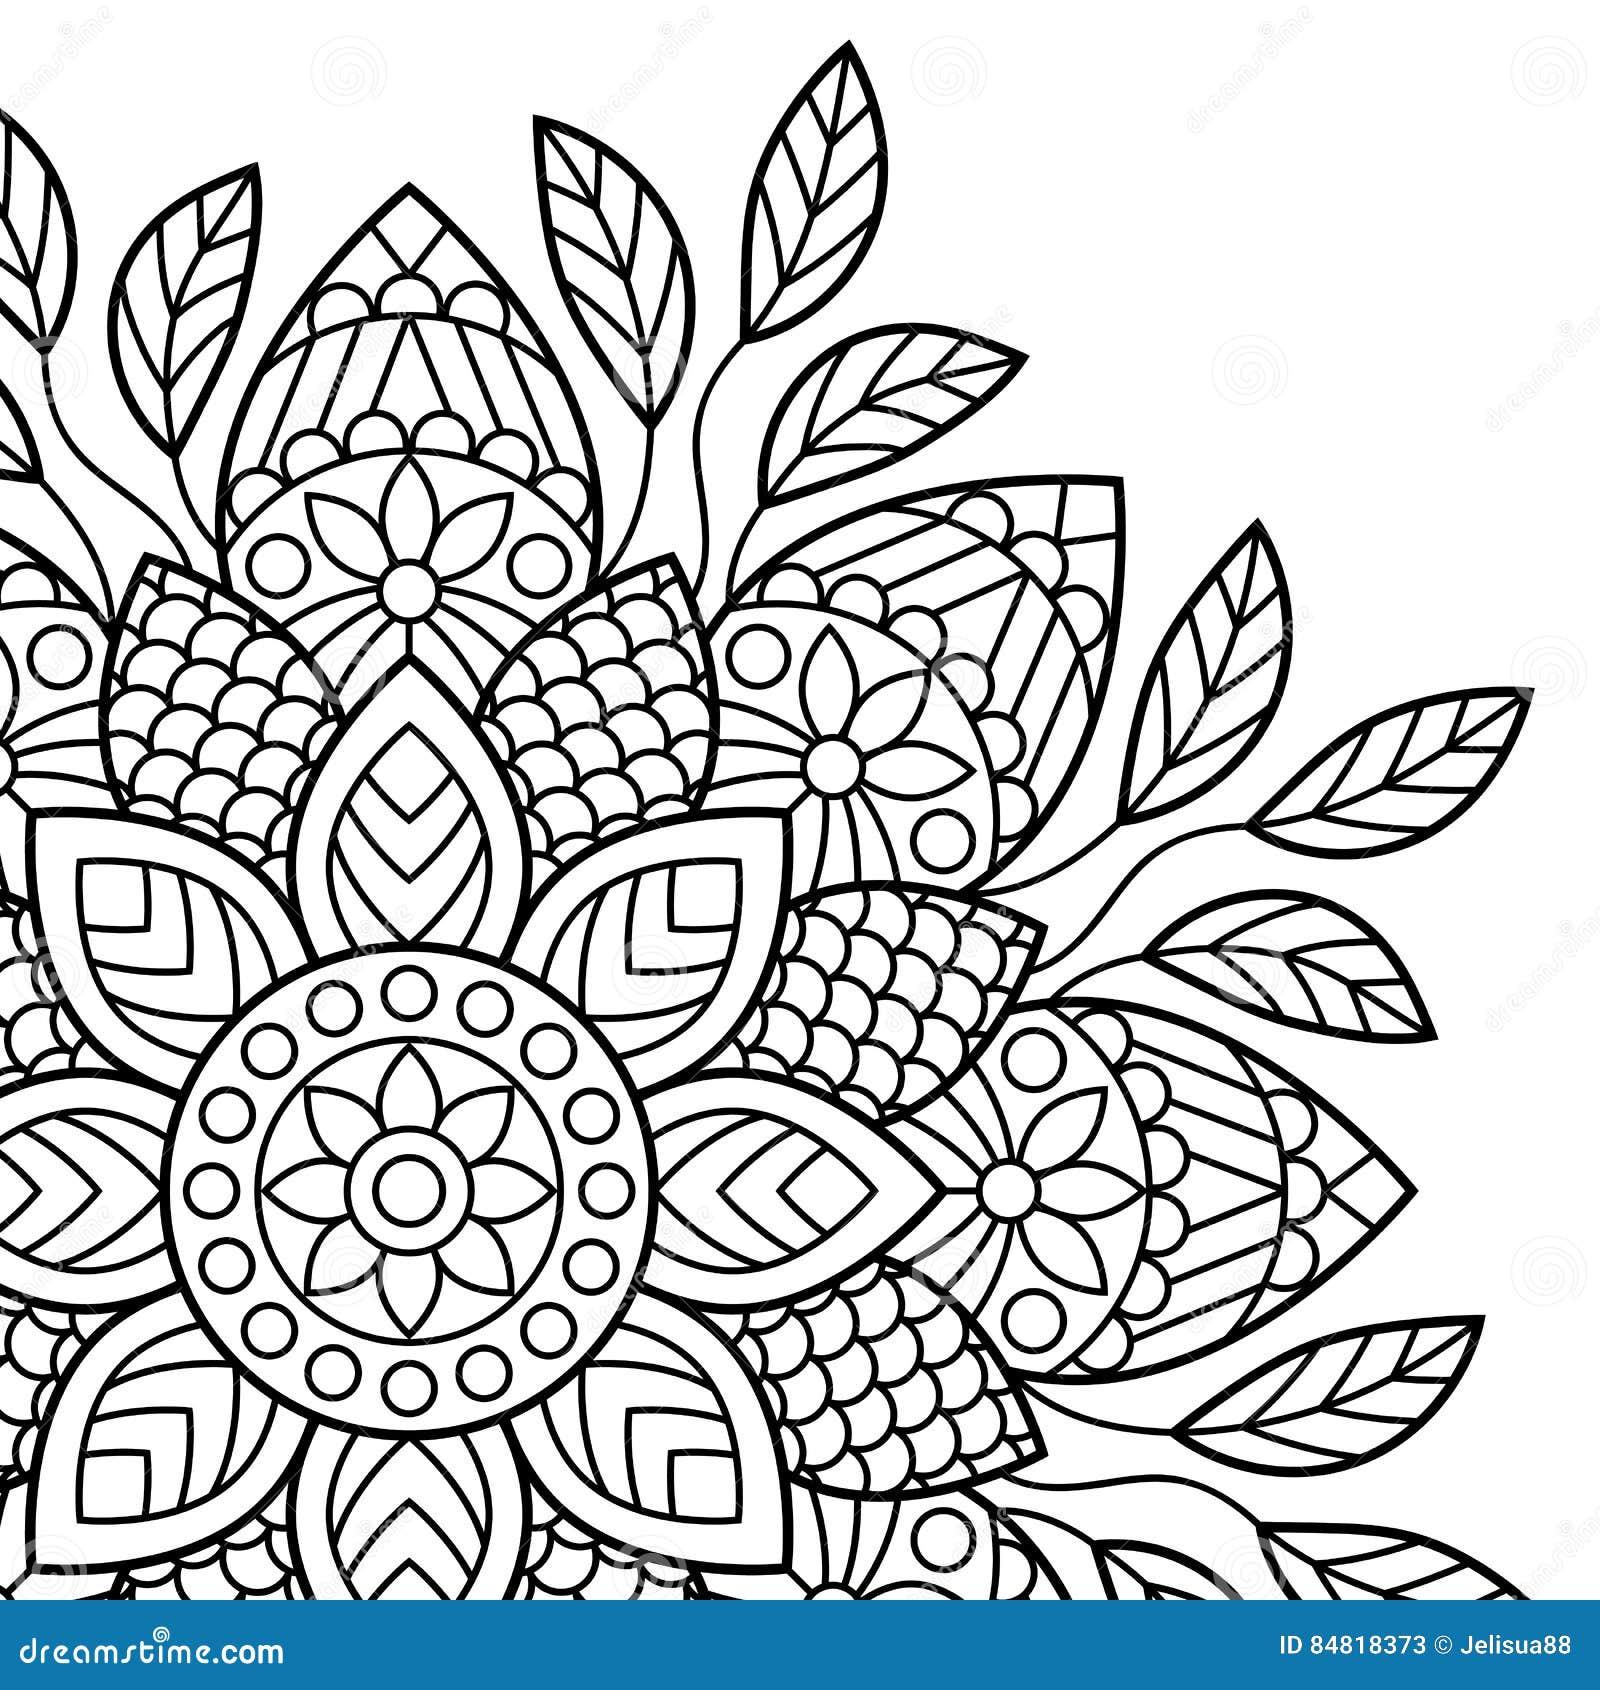 Mandala pagine del libro da colorare illustrazione - Immagini di colorare le pagine del libro da colorare ...